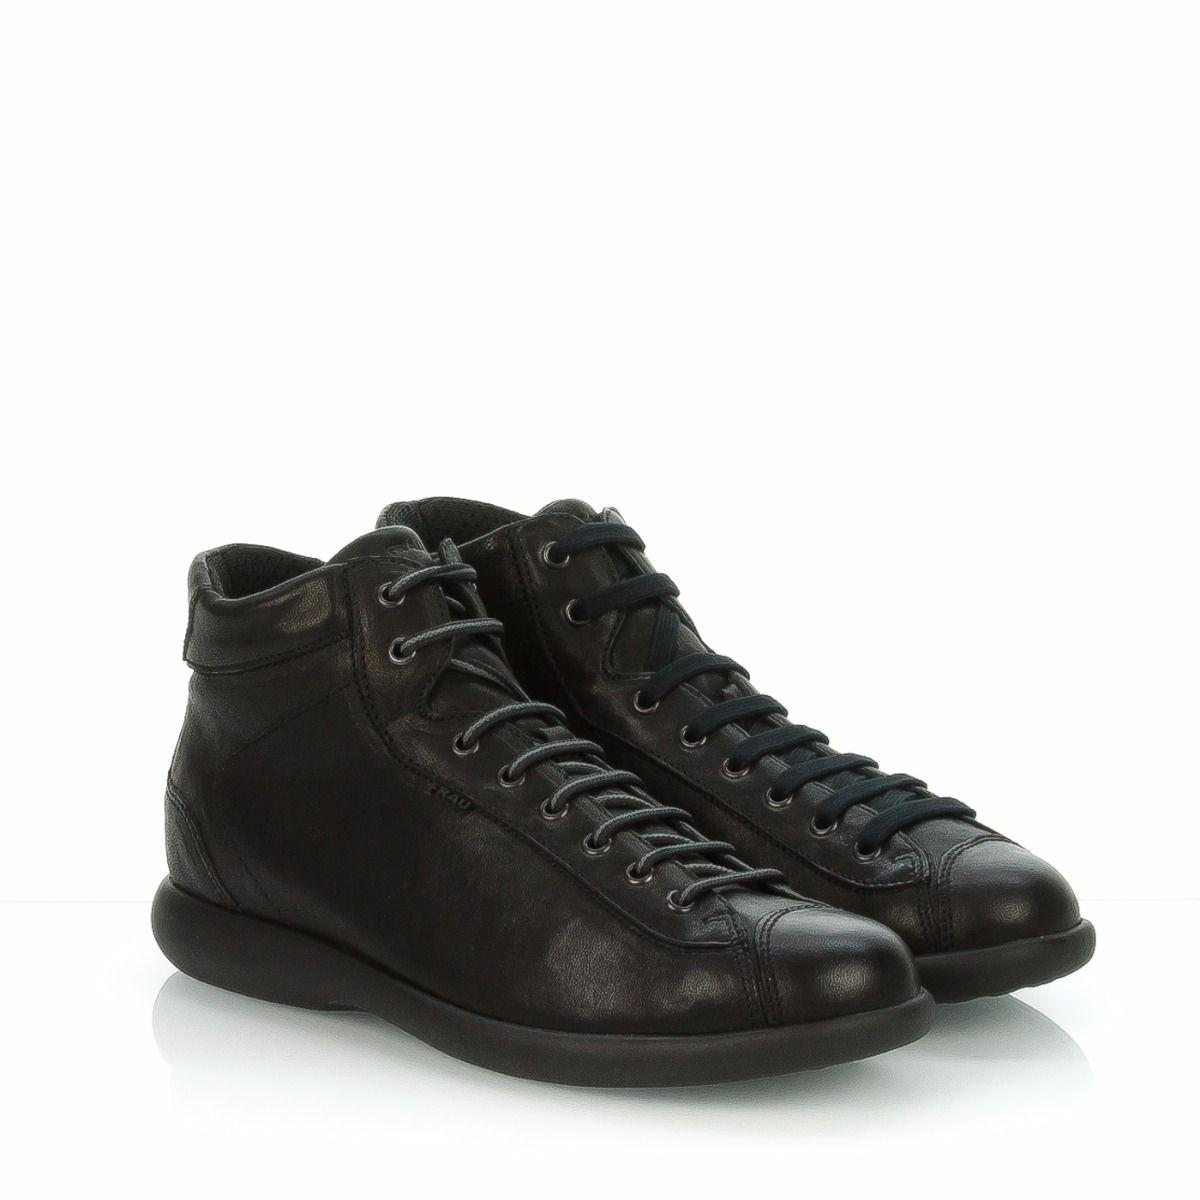 982ade87c3 Sneakers alta da uomo FRAU 27T2 in pelle nero,  Spedizione gratuita ...